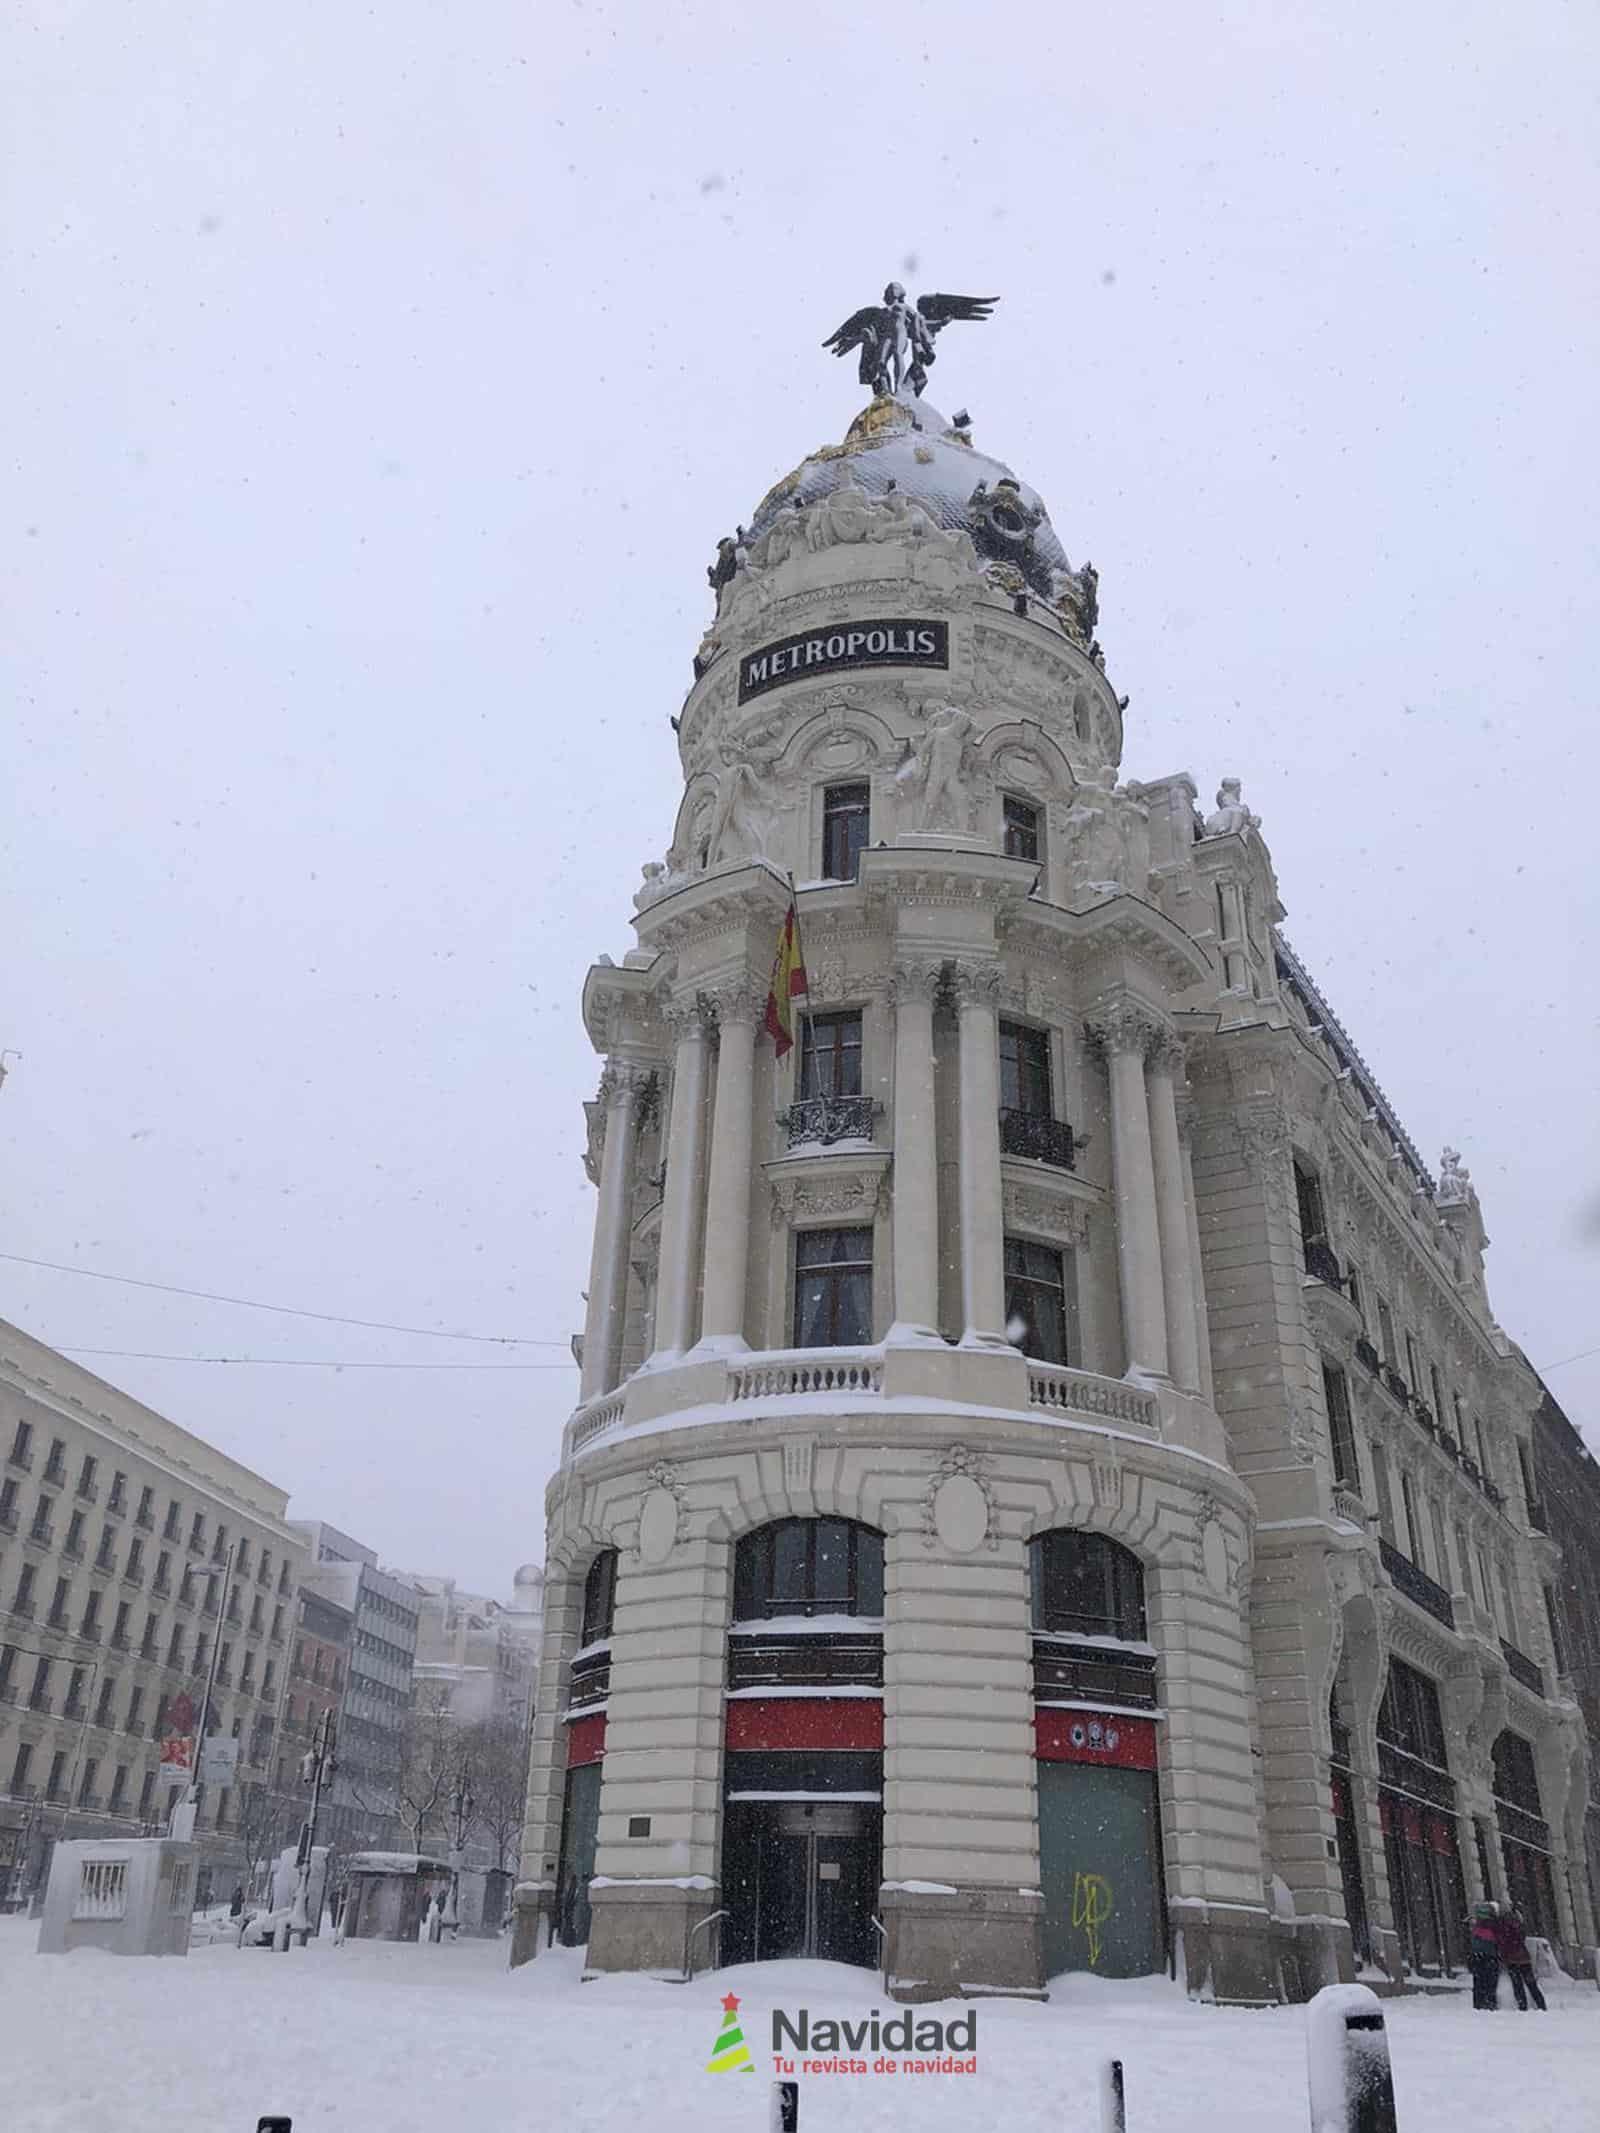 Fotografías de la nevada de enero en Madrid (España) 170